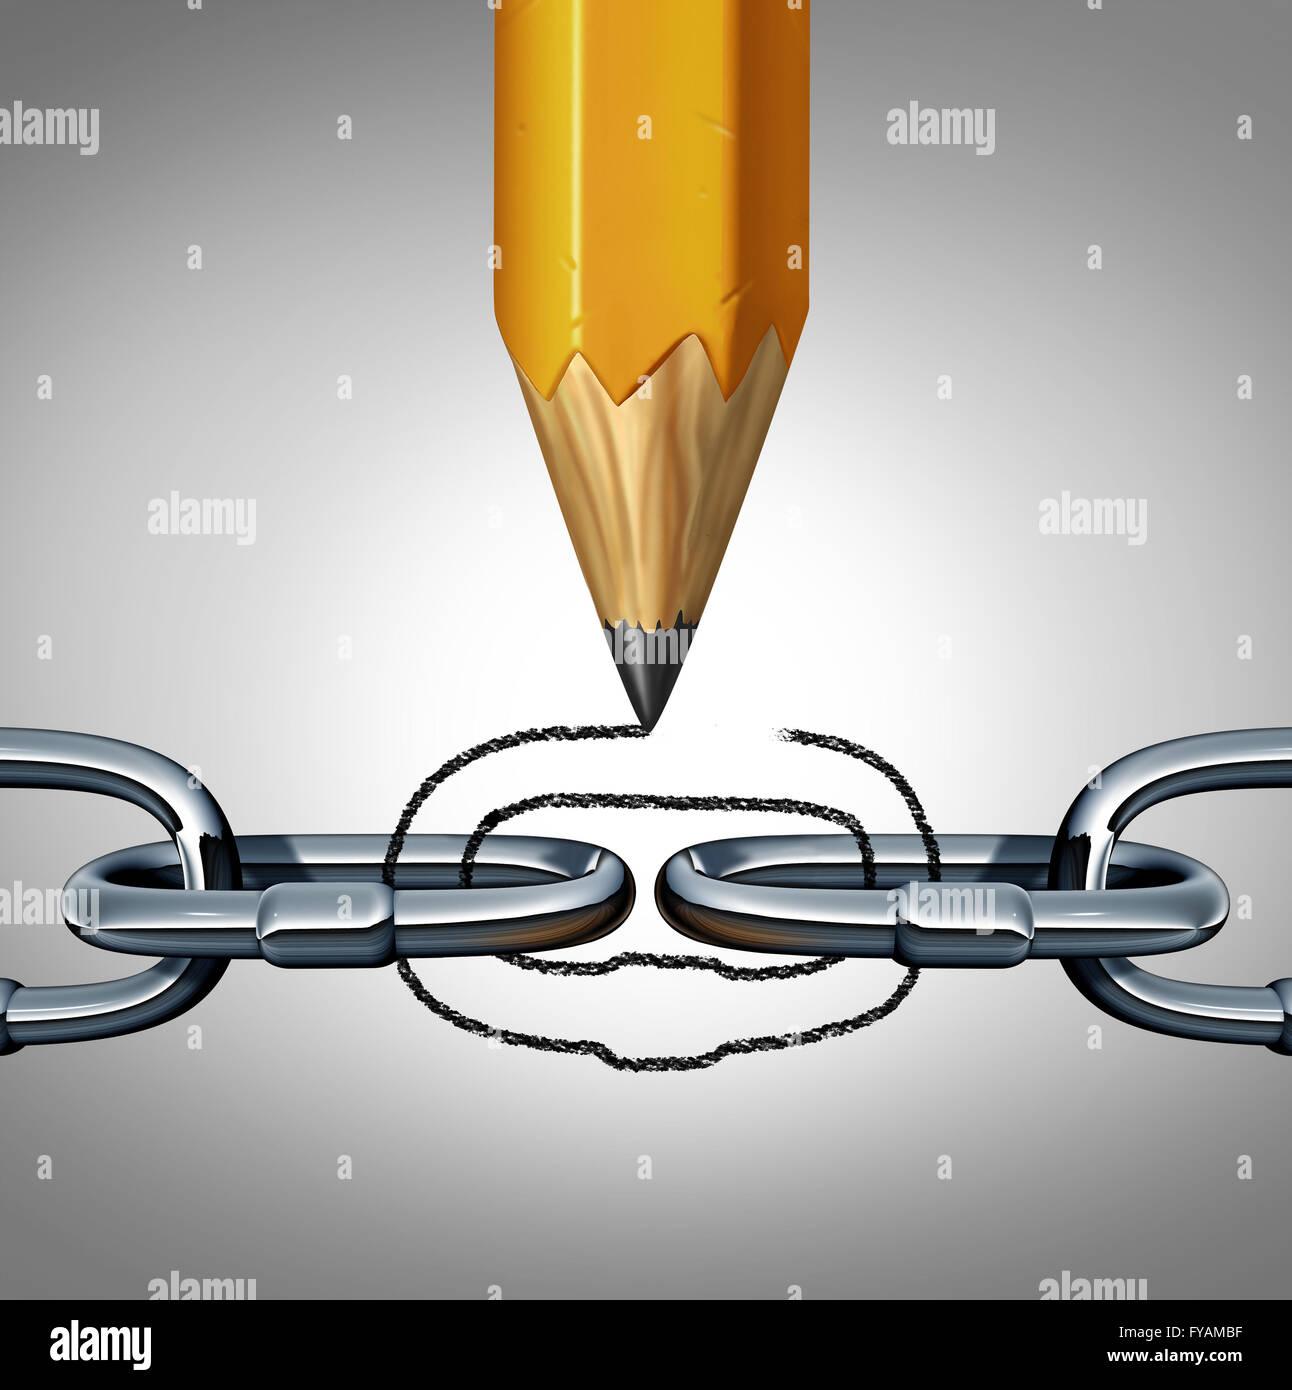 Concepto de fuerza como desconectado de la cadena con un dibujo a lápiz de un vínculo para unir la ilustración Imagen De Stock